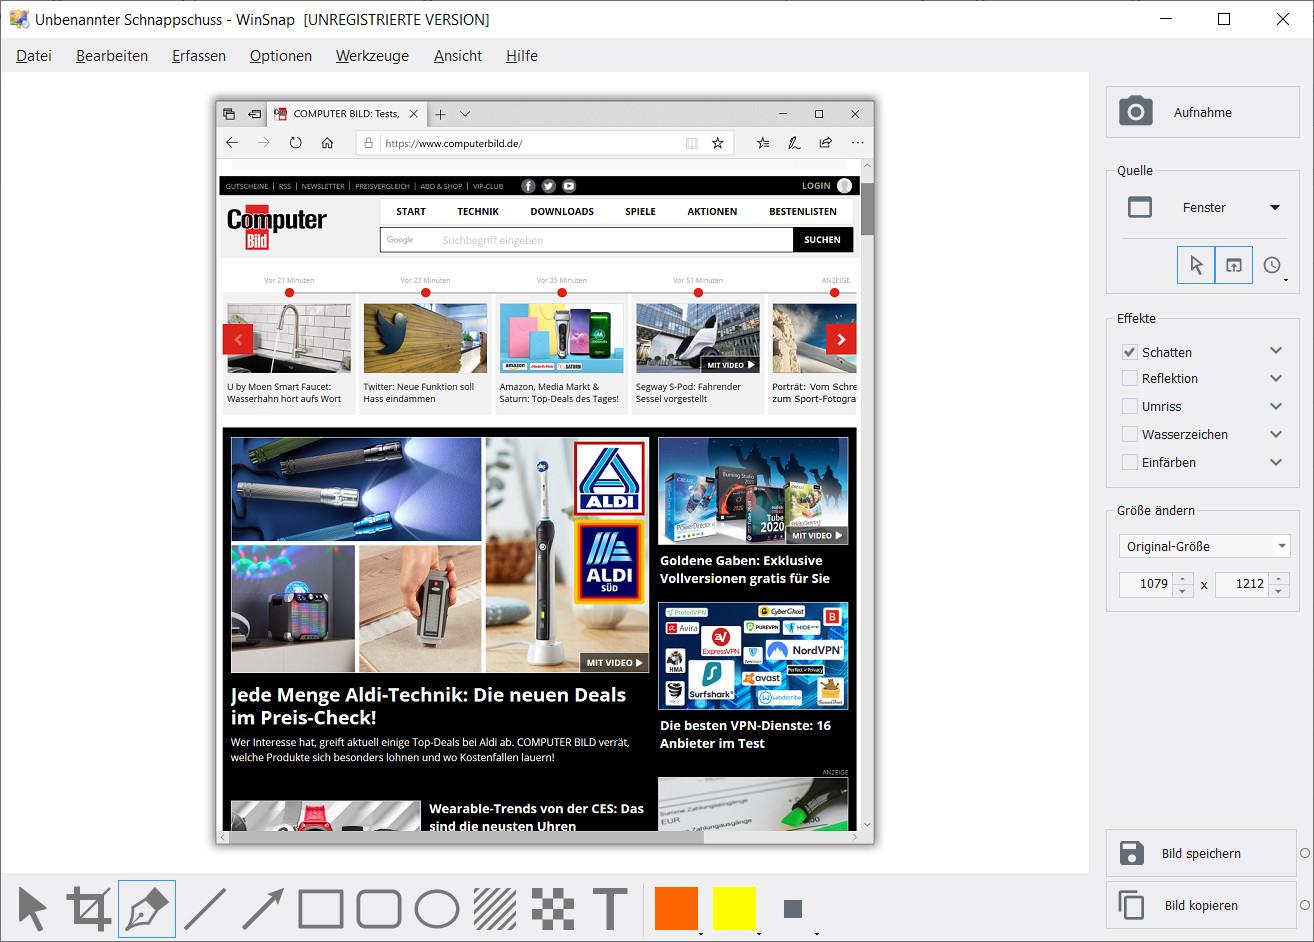 Screenshot 1 - WinSnap